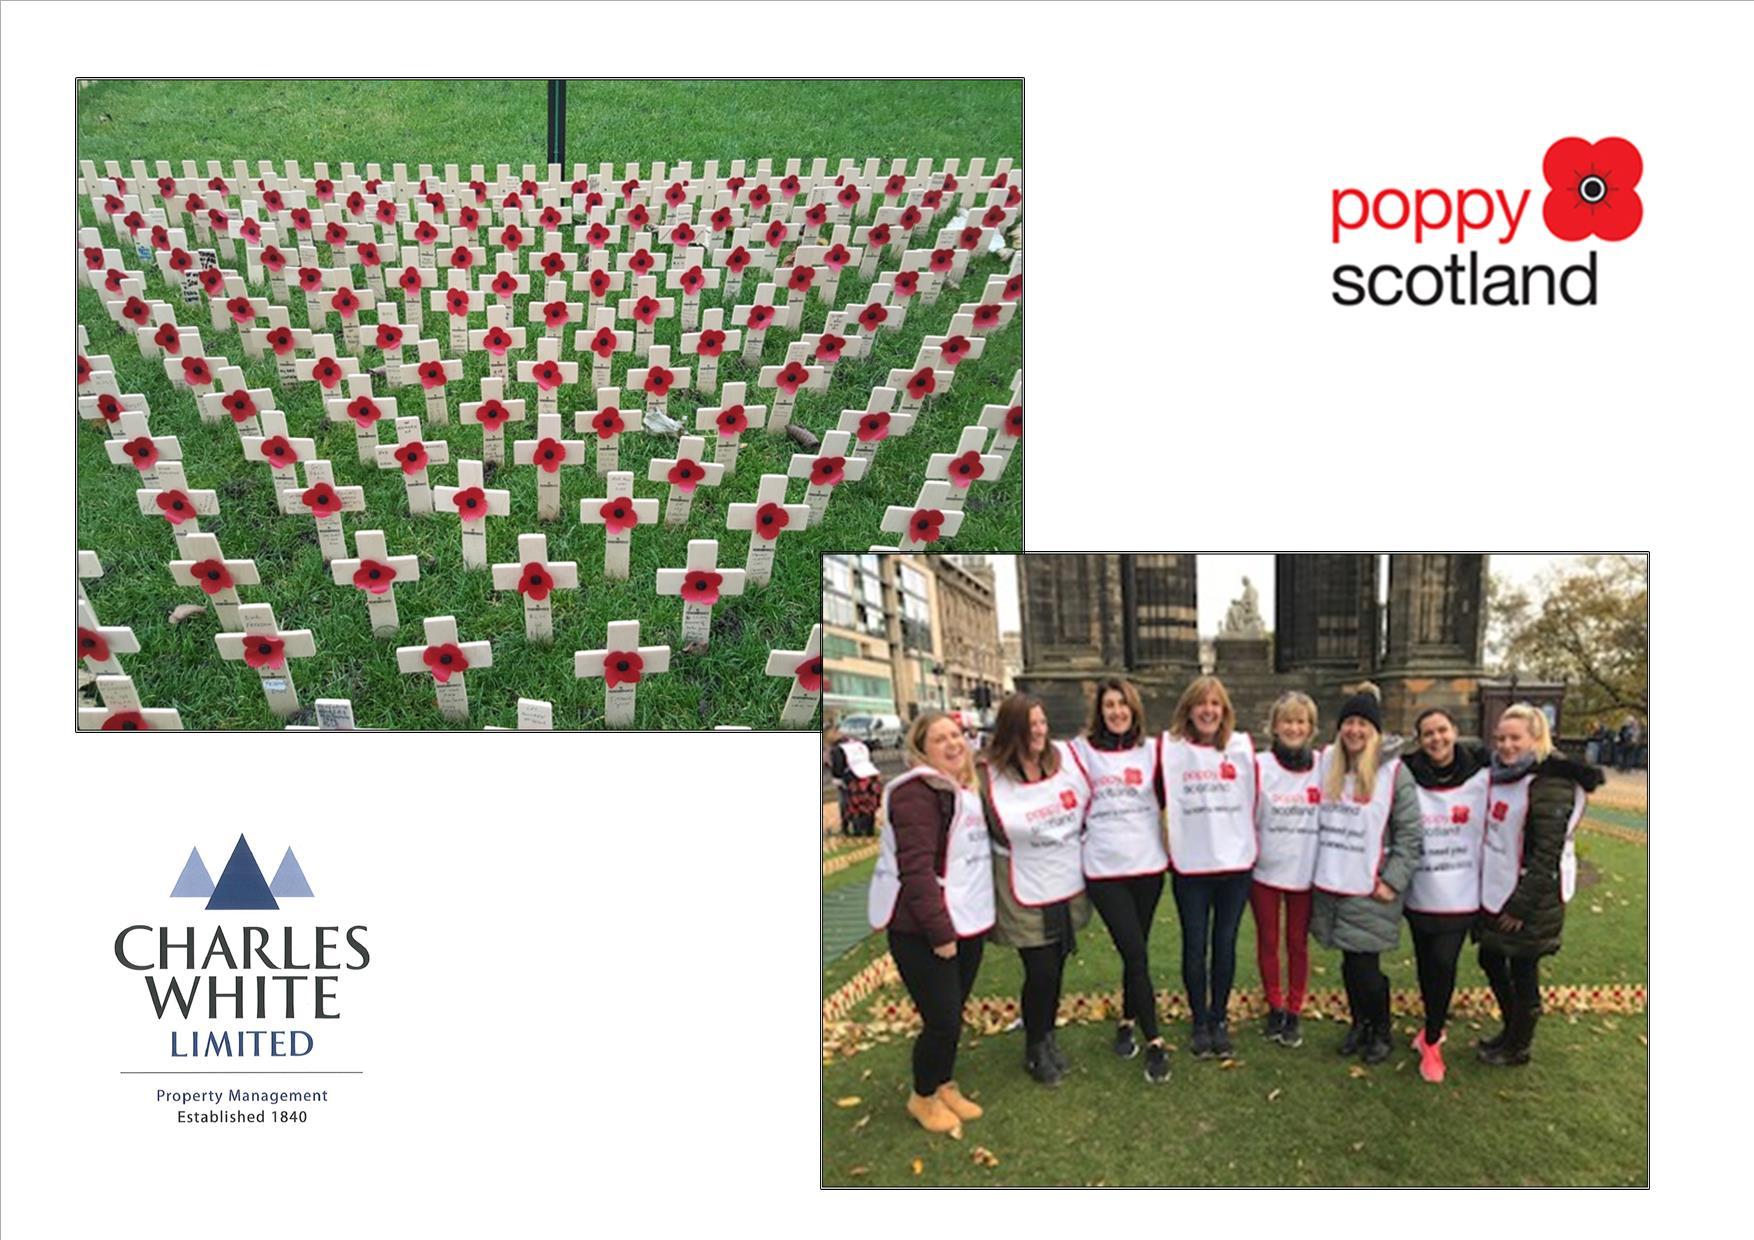 Poppyscotland volunteering day